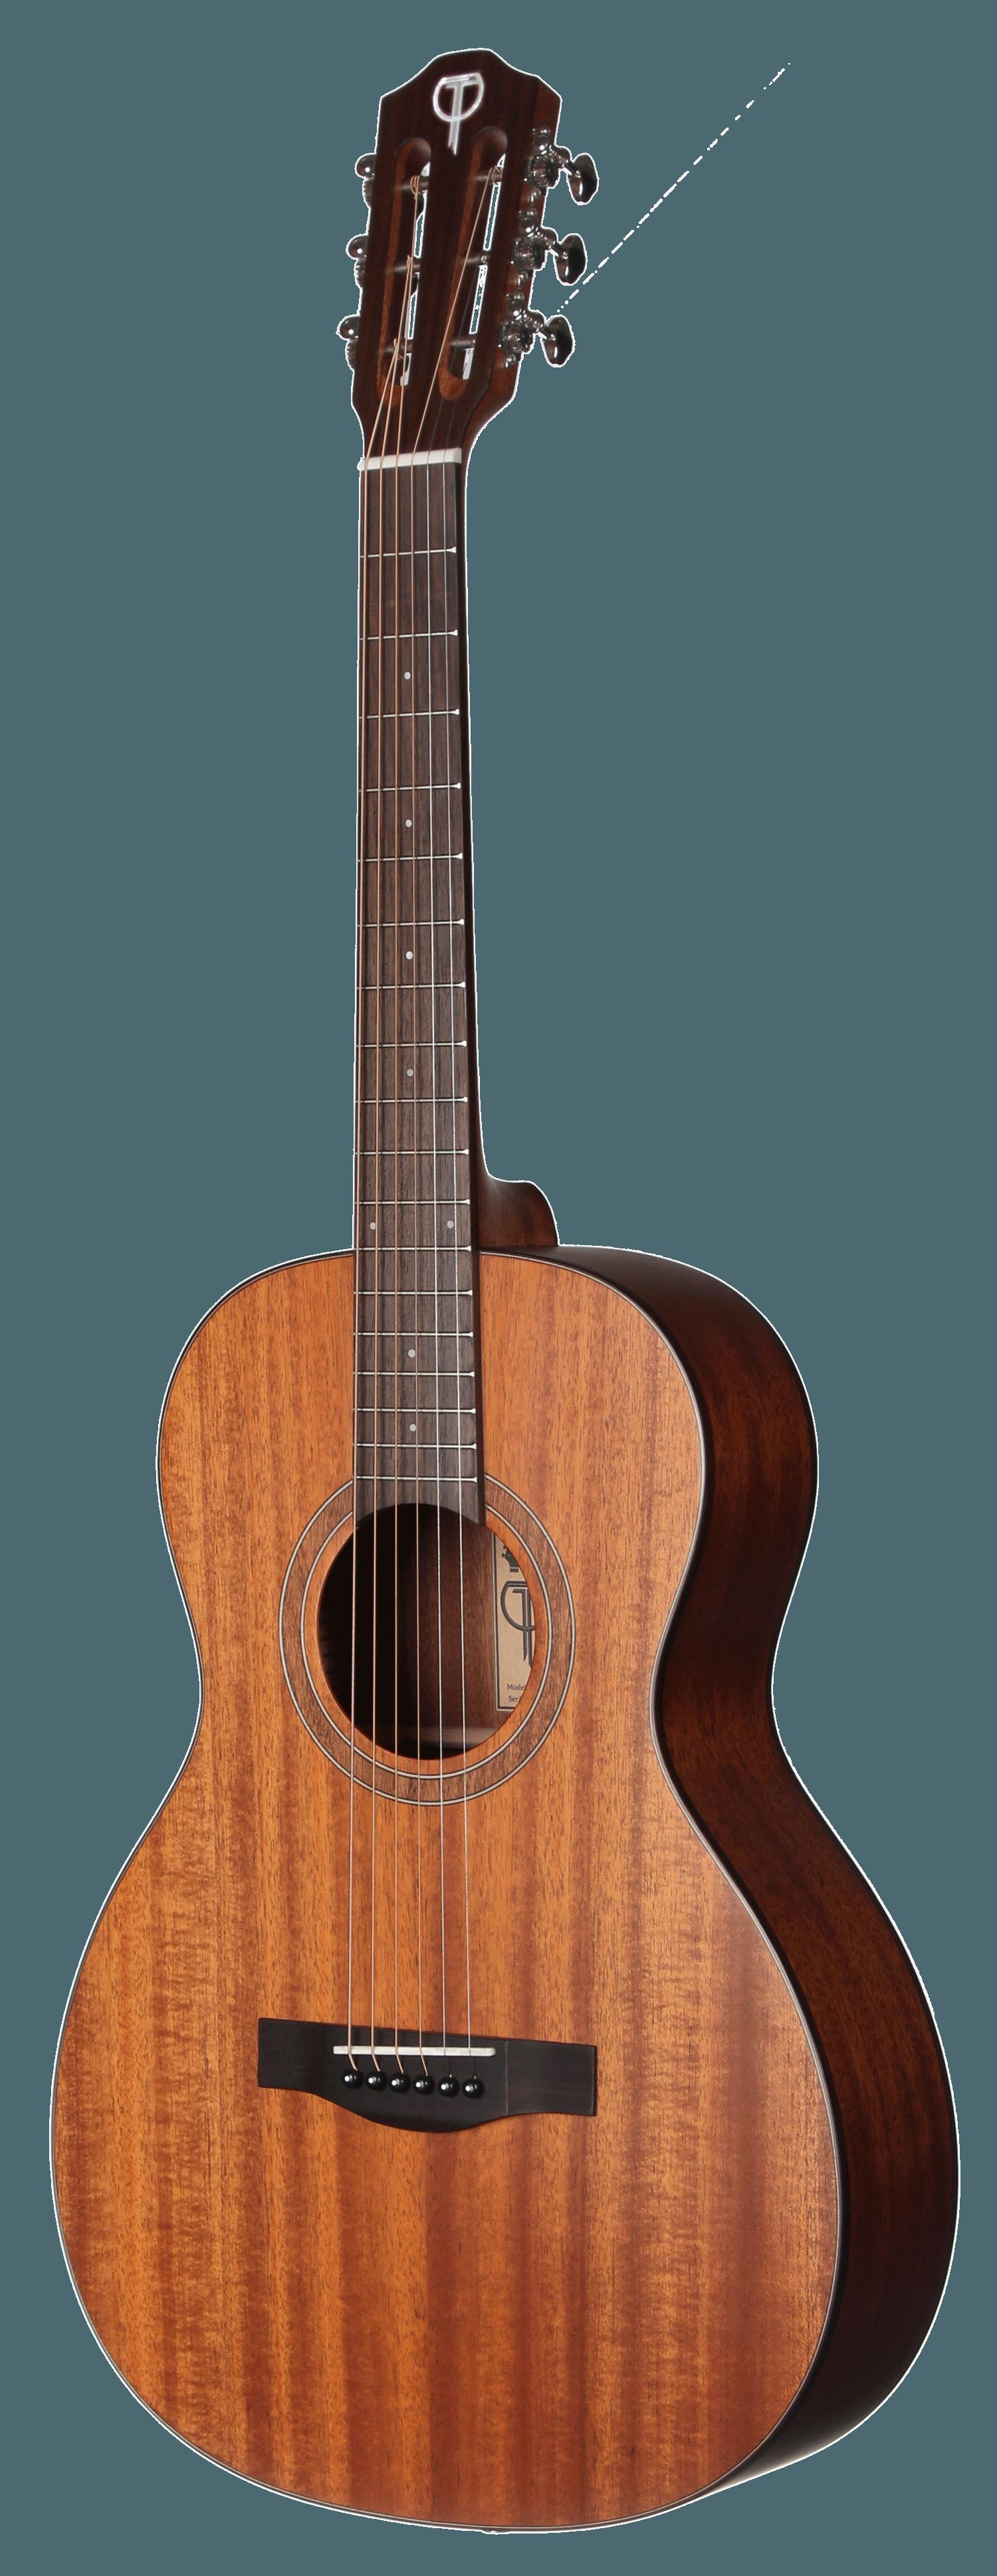 1500x3877 Stp103nt Parlor Teton Guitar Guitars